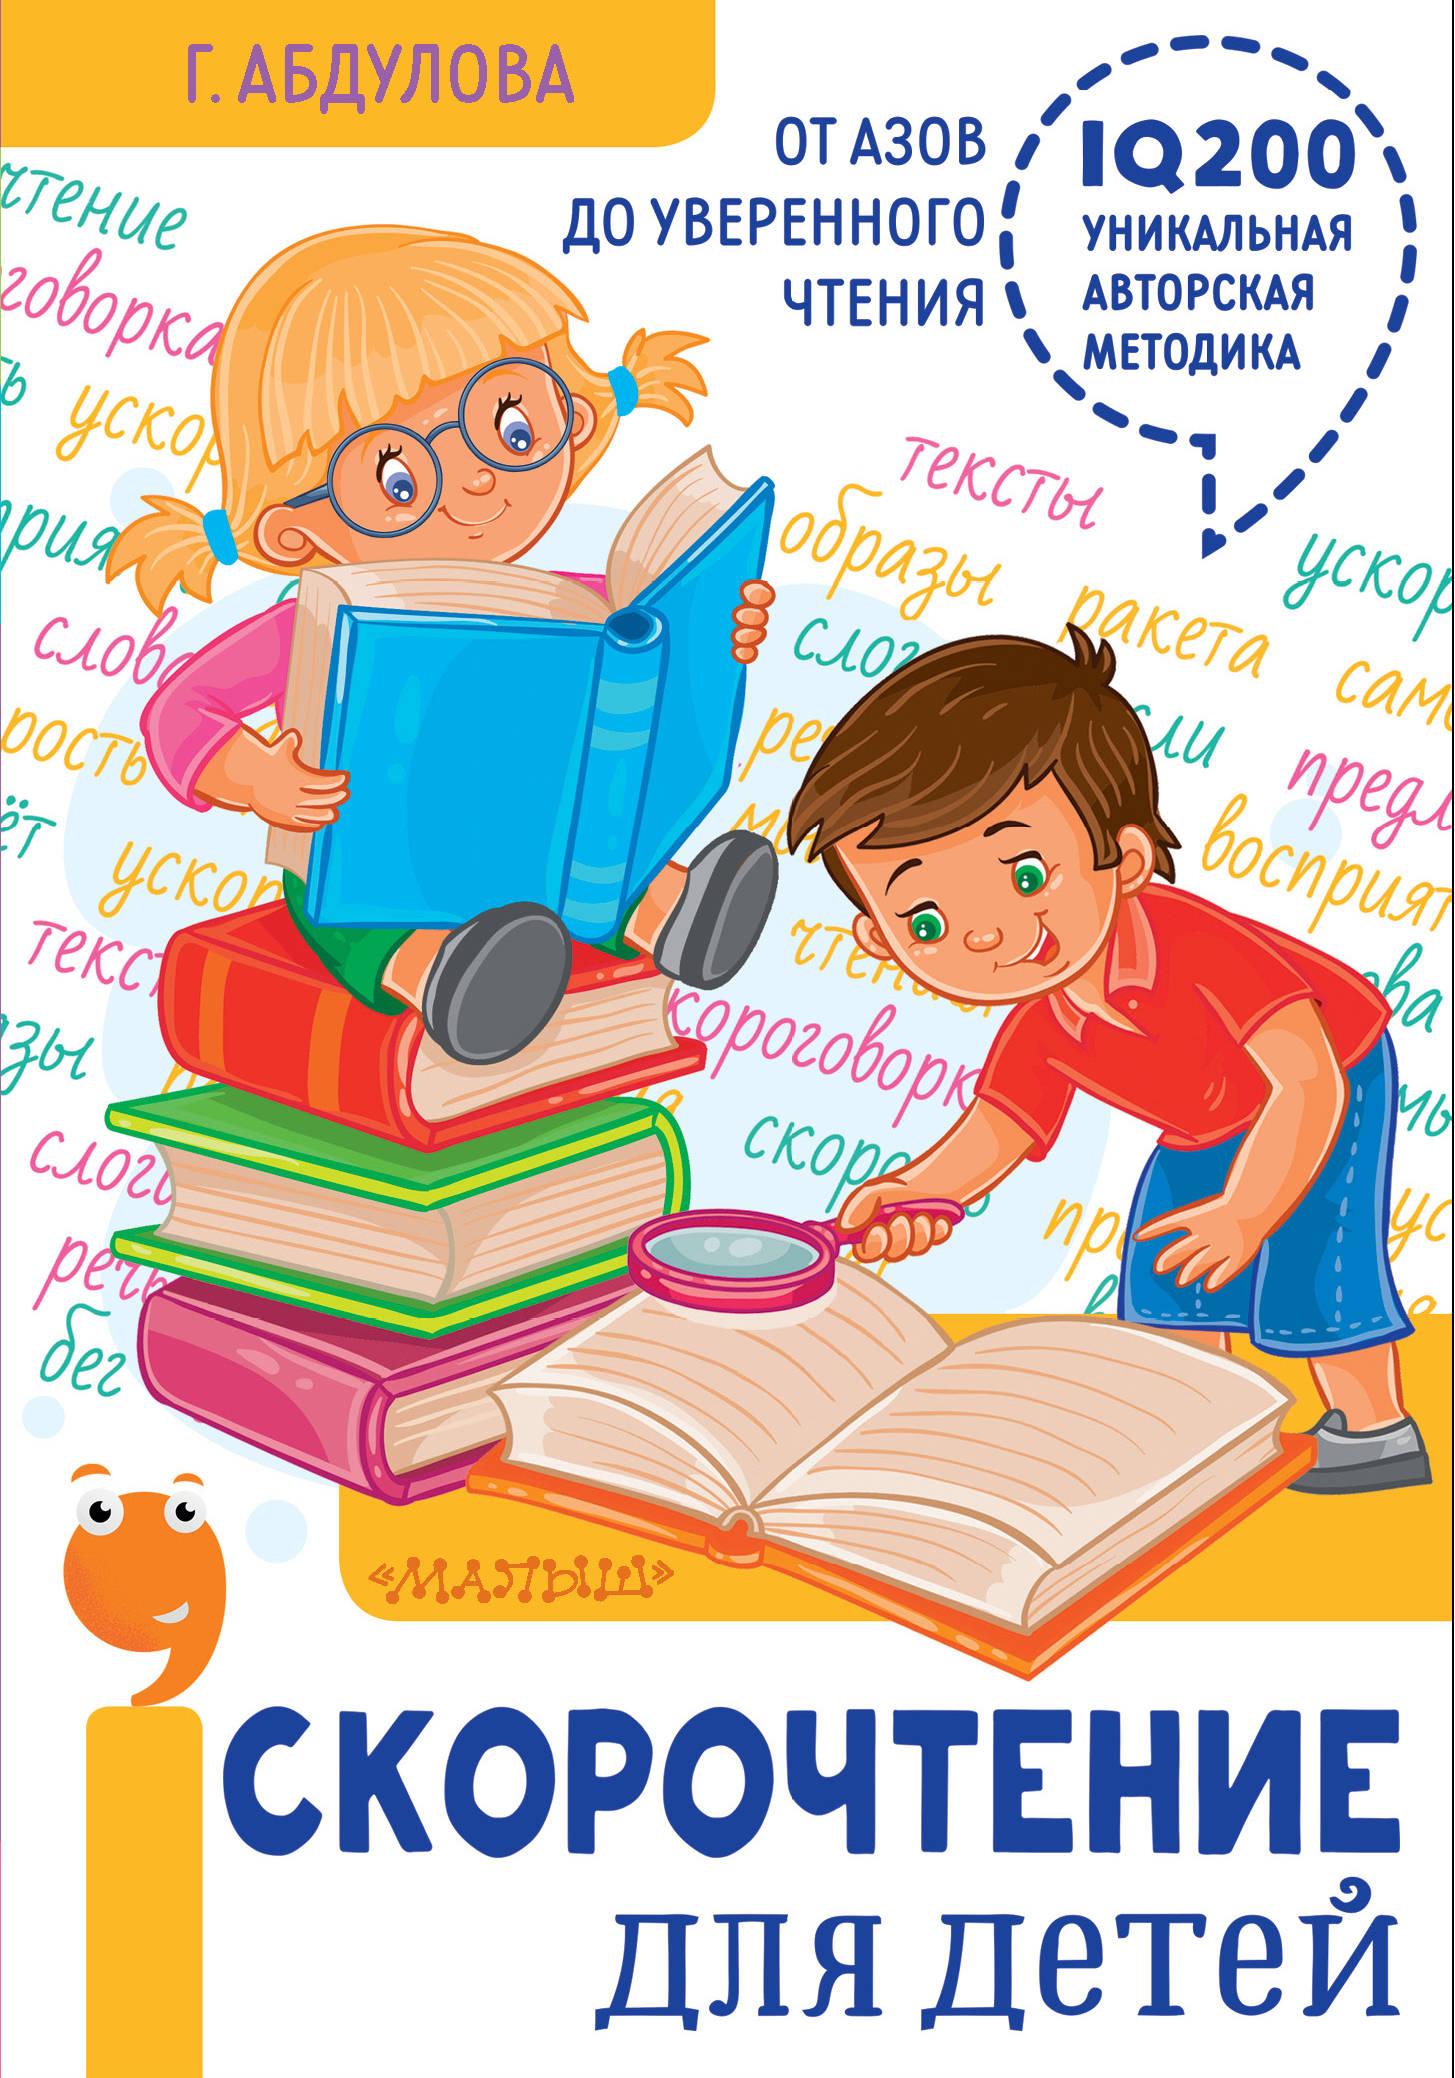 Скорочтение для детей: от азов до уверенного чтения ( Абдулова Гюзель Фидаилевна  )